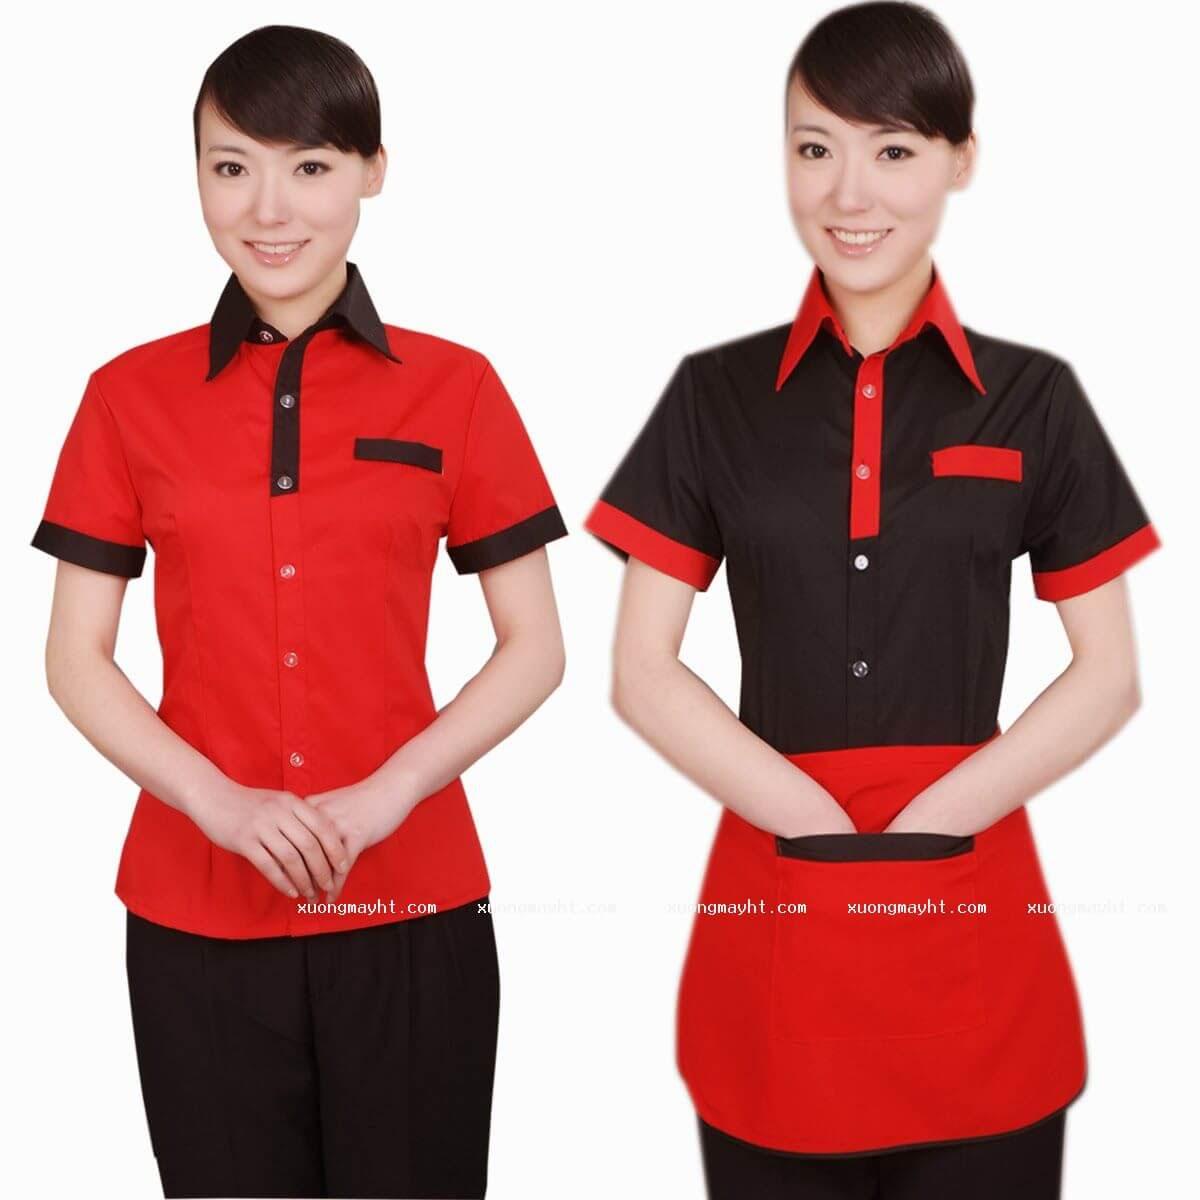 gấu uniform bảng màu